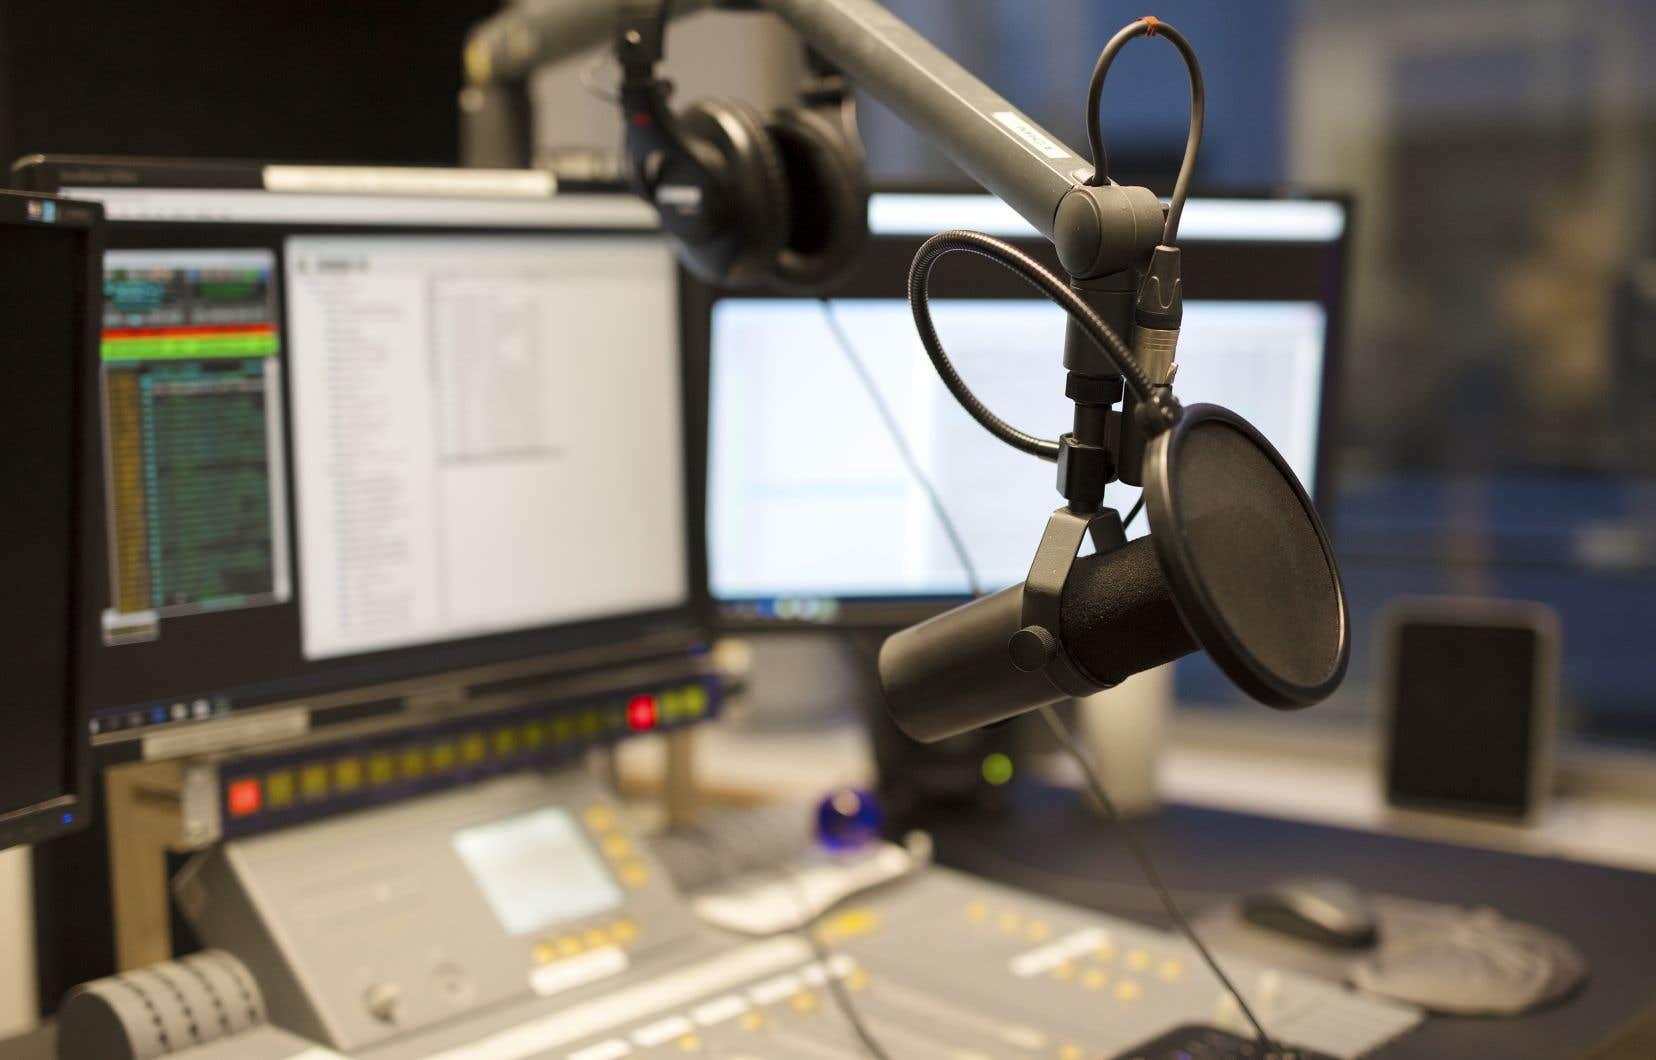 En janvier dernier, la station de radio avait mené à terme un projet de rayonnement sur lequel elle travaillait depuis plusieurs années.